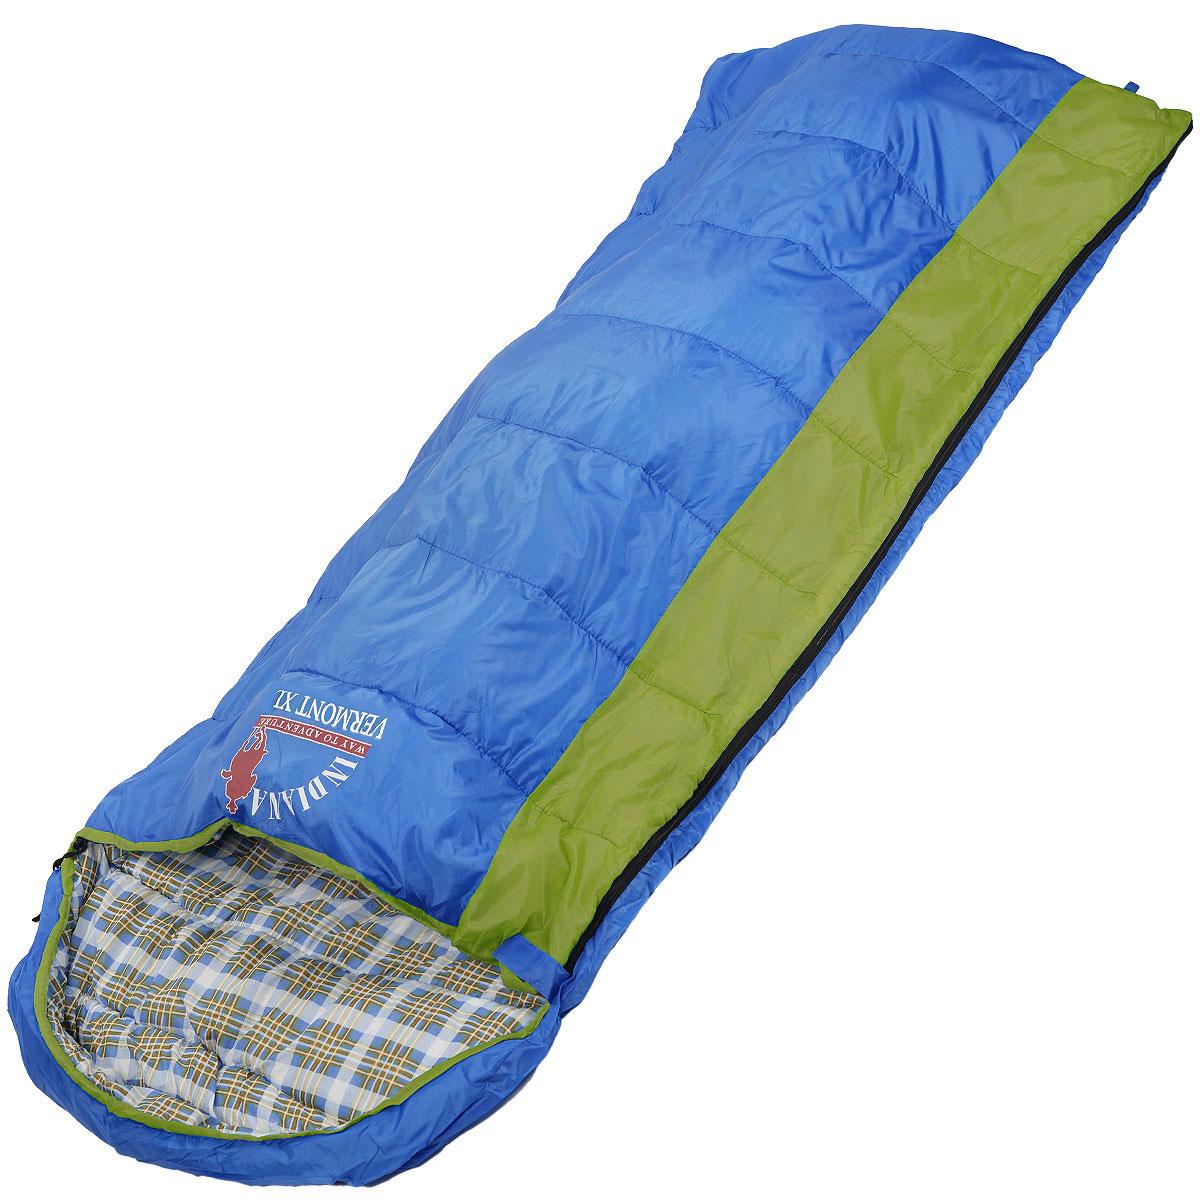 Мешок спальный Indiana Vermont Xl, правосторонняя молния, 185 см х 95 см360700036Самый популярный трехсезонный спальник-одеяло с подголовником, предназначен для комфортного сна даже в холодное время года. Спальный мешок Indiana Vermont Xl не только убережет вас от холода, но и, благодаря увеличенным размерам, обеспечит максимально комфортные условия для вашего сна. Разъемная молния позволяет состыковать два спальника в один большой.